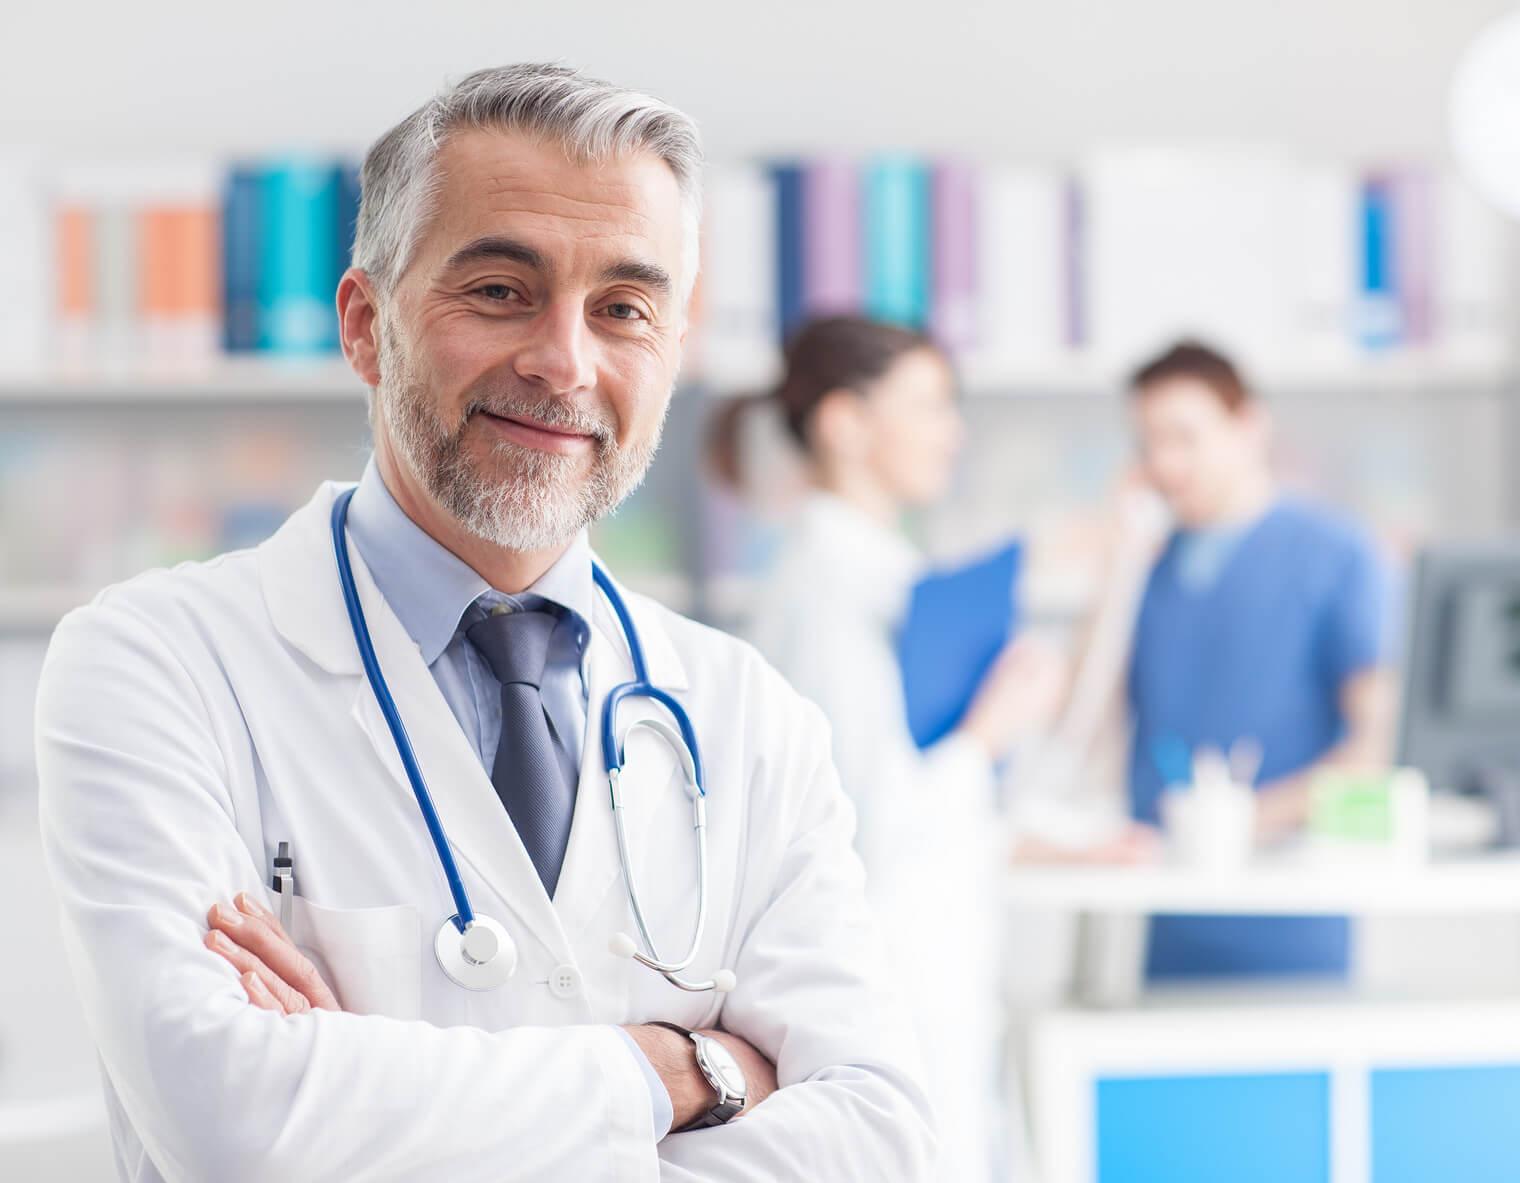 Чем занимается главный врач?